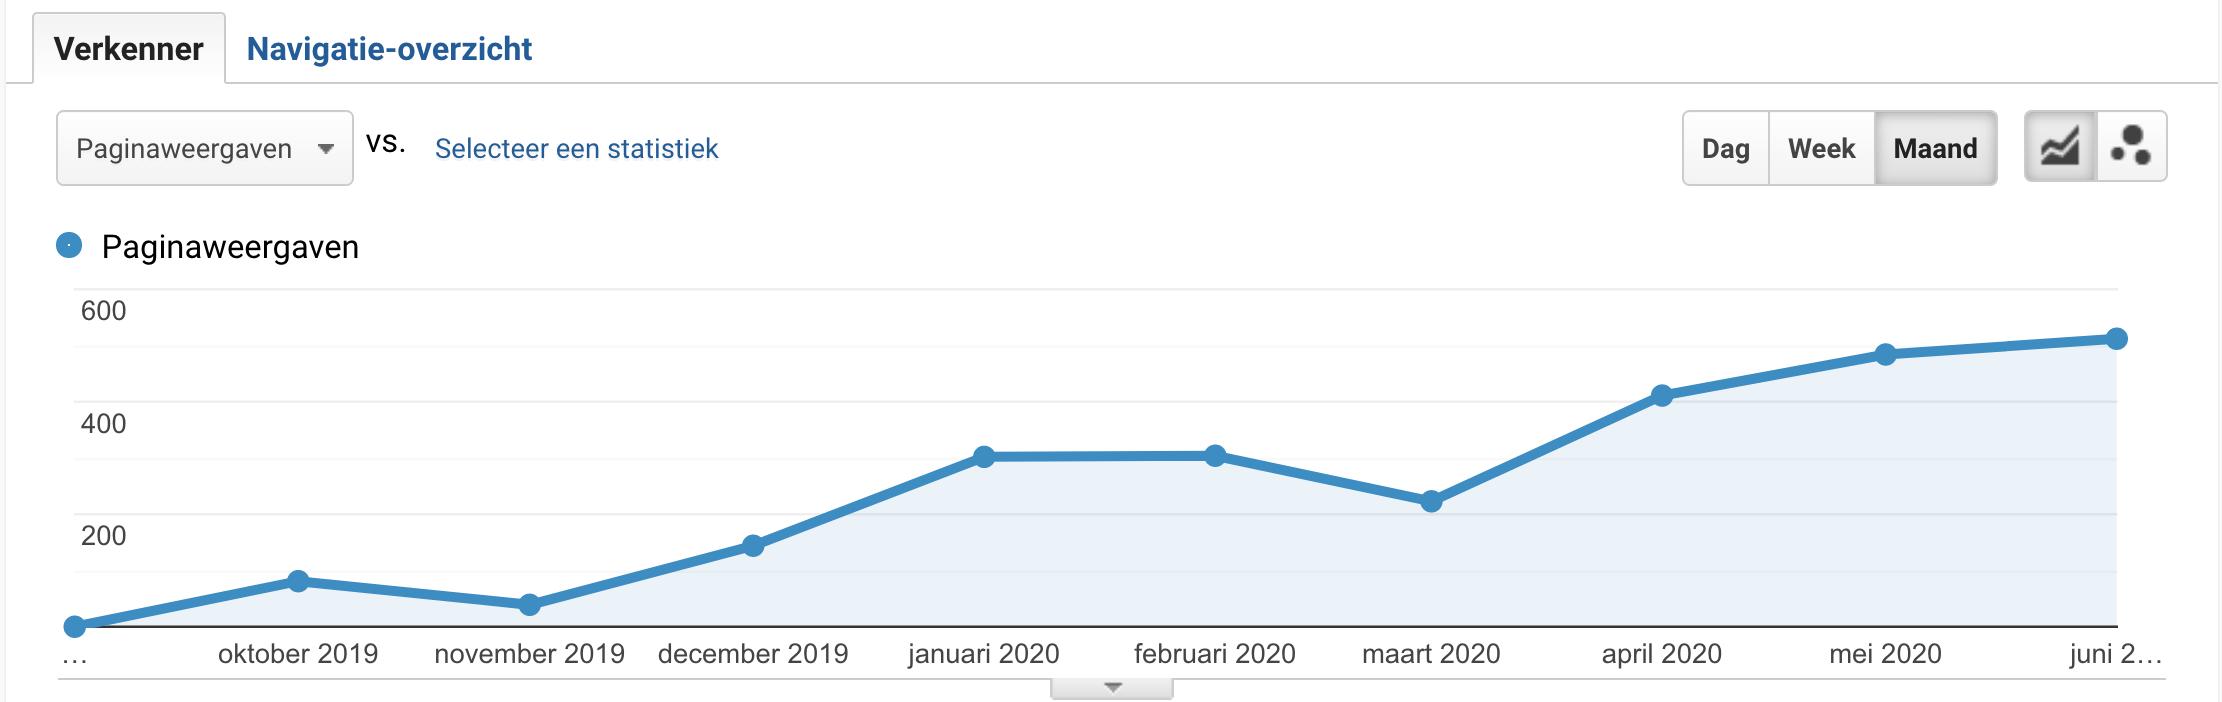 kieszon linkbuilding focus landingspagina's samengevoegd in een grafiek op Google analytics